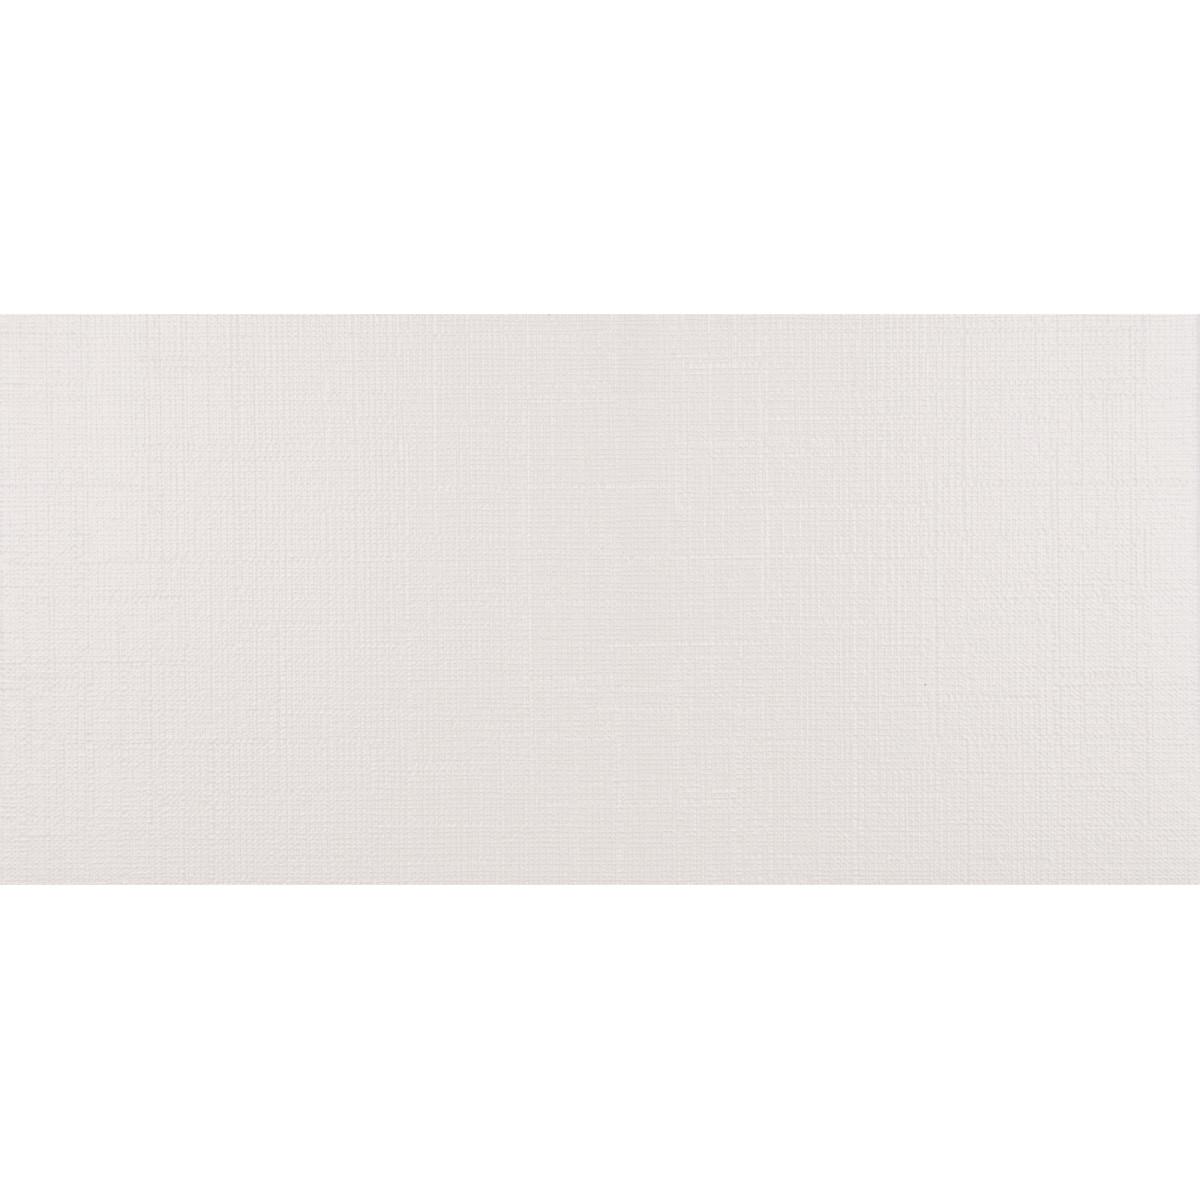 Керамогранит «Честер» 7 60x30 см 1.44 м² цвет белый